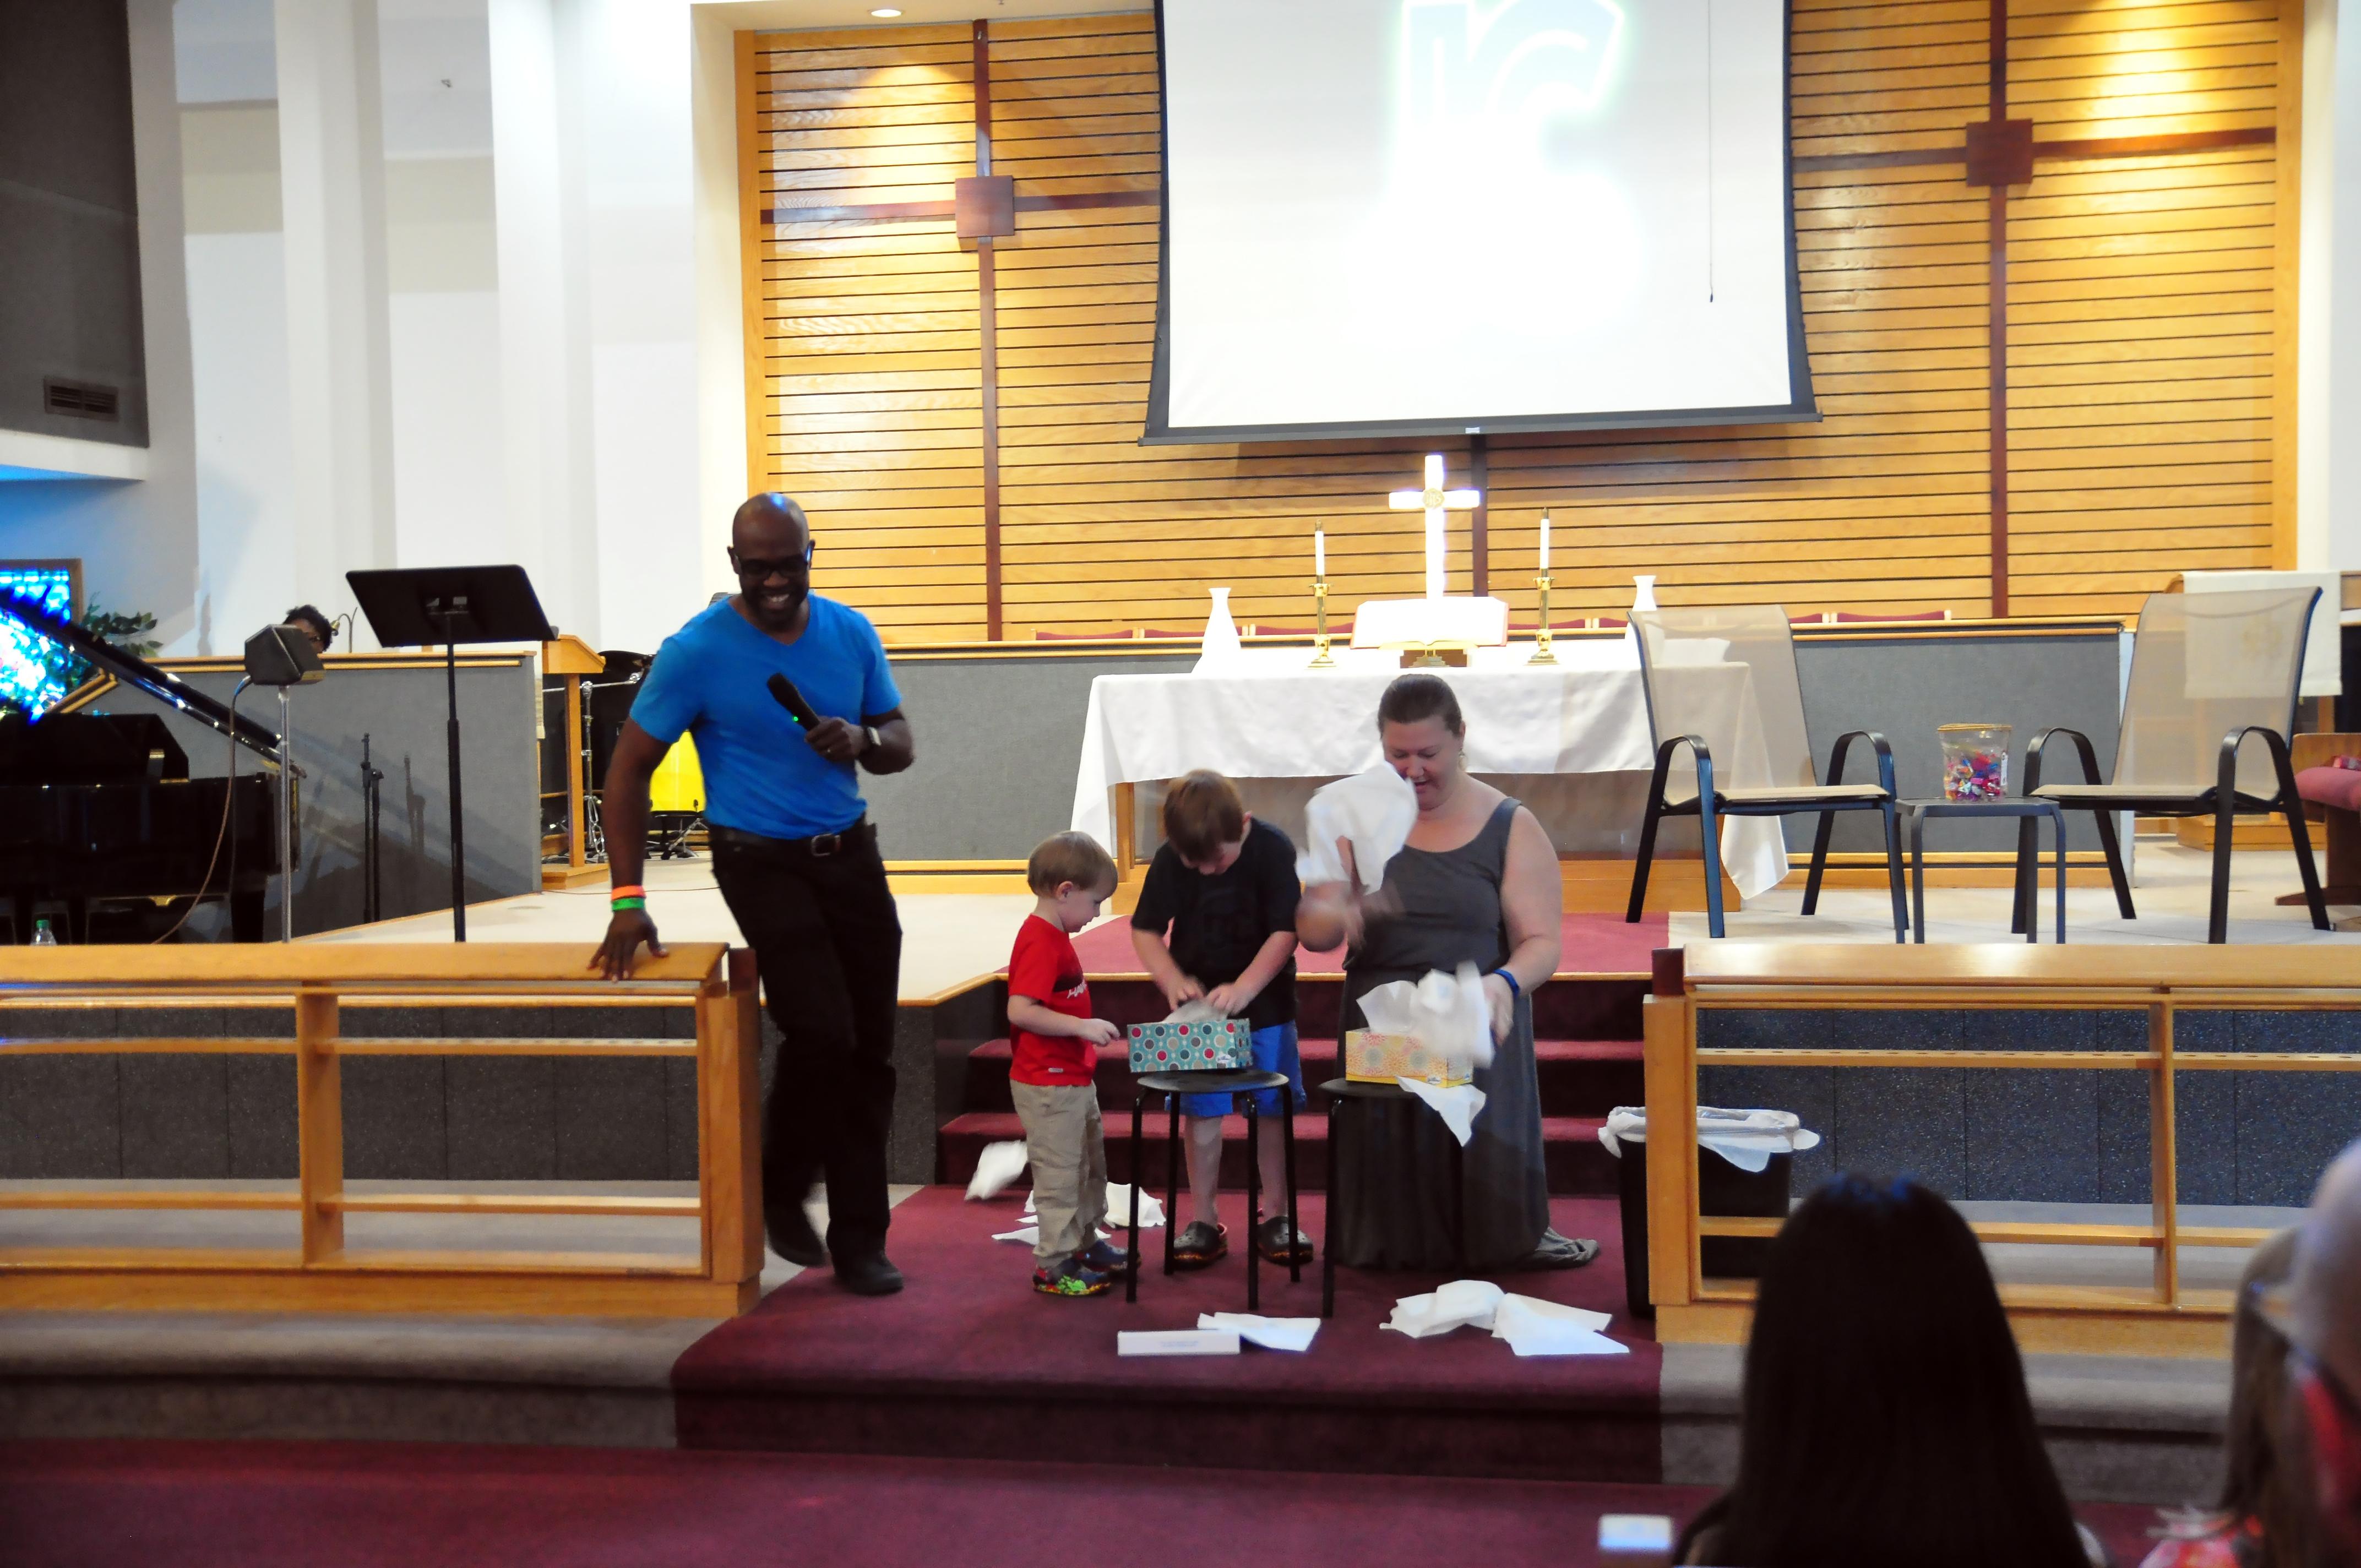 JC Service April 10